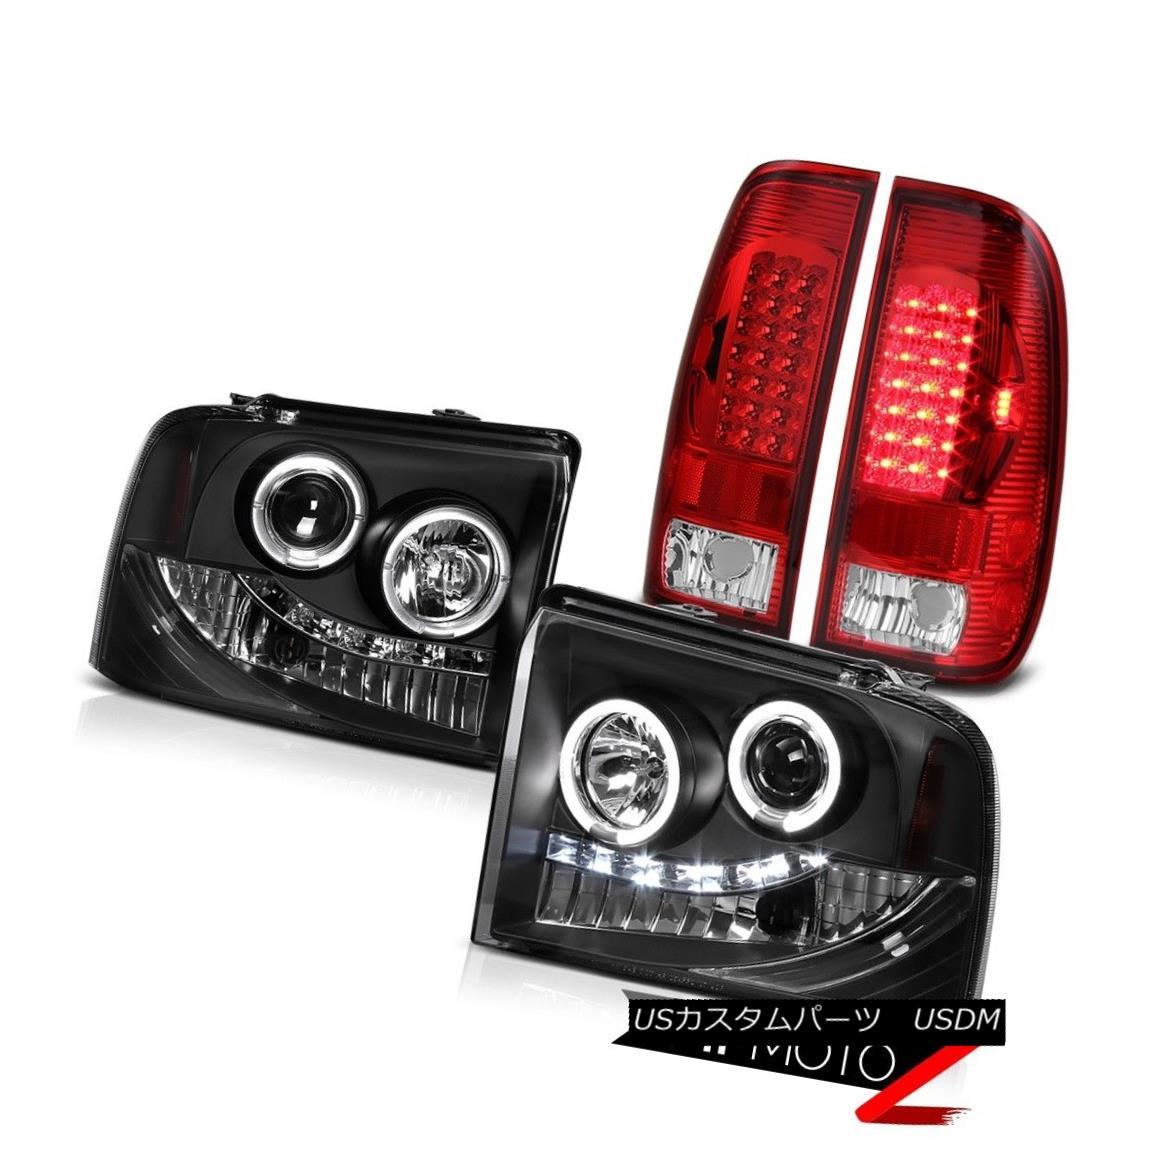 ヘッドライト LED Angel Eye Headlights+Tail Lights Ford F250 Powerstroke Harley Davidson 05-07 LEDエンジェルアイヘッドライト+タイ lライトフォードF250パワーストロークハーレーダビッドソン05-07